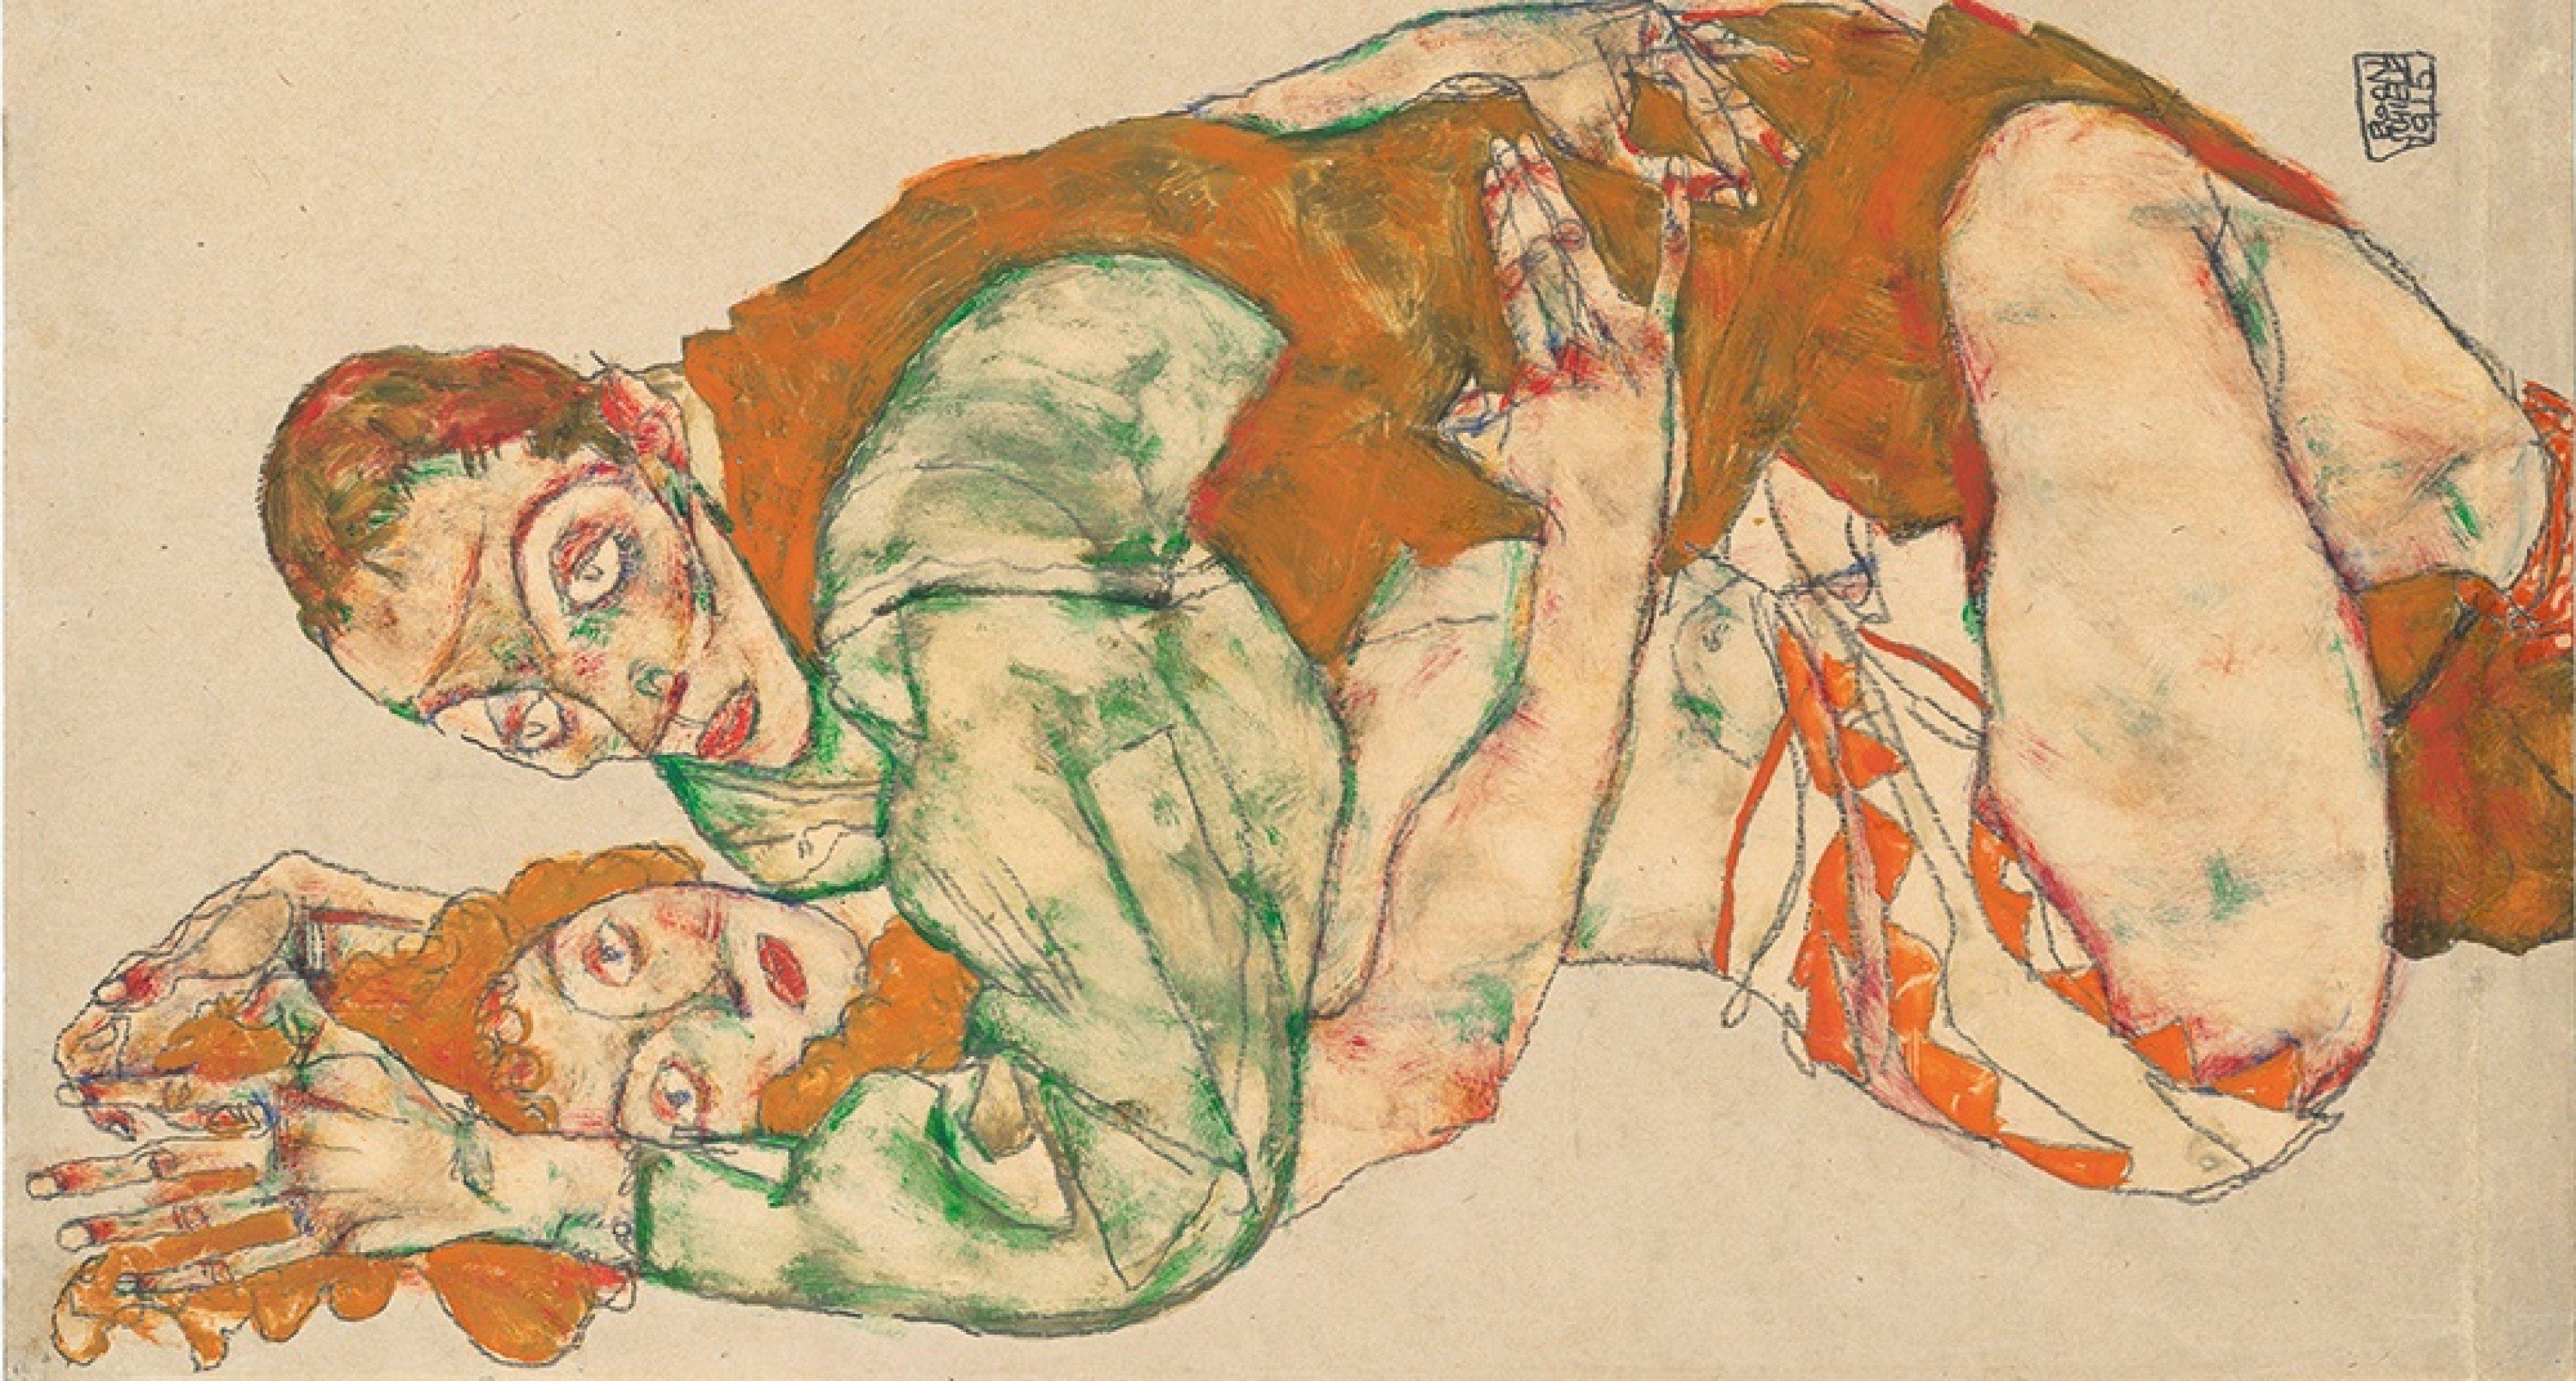 © Leopold Museum, Vienna  Liebesakt, 1915 Wien, Leopold Museum